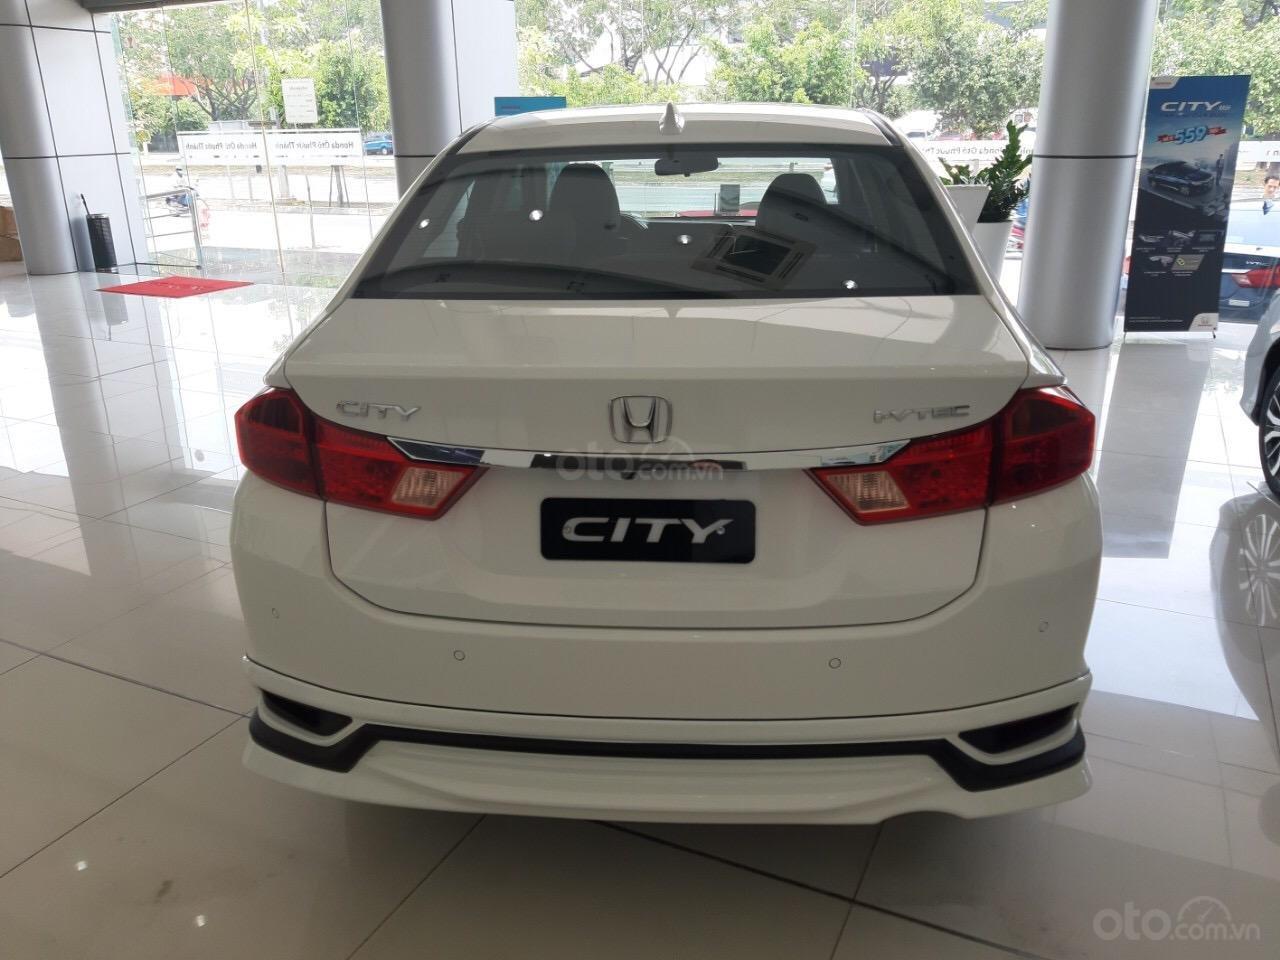 Xe Honda City chính hãng - khuyến mãi lớn - đủ màu - giao xe ngay (4)